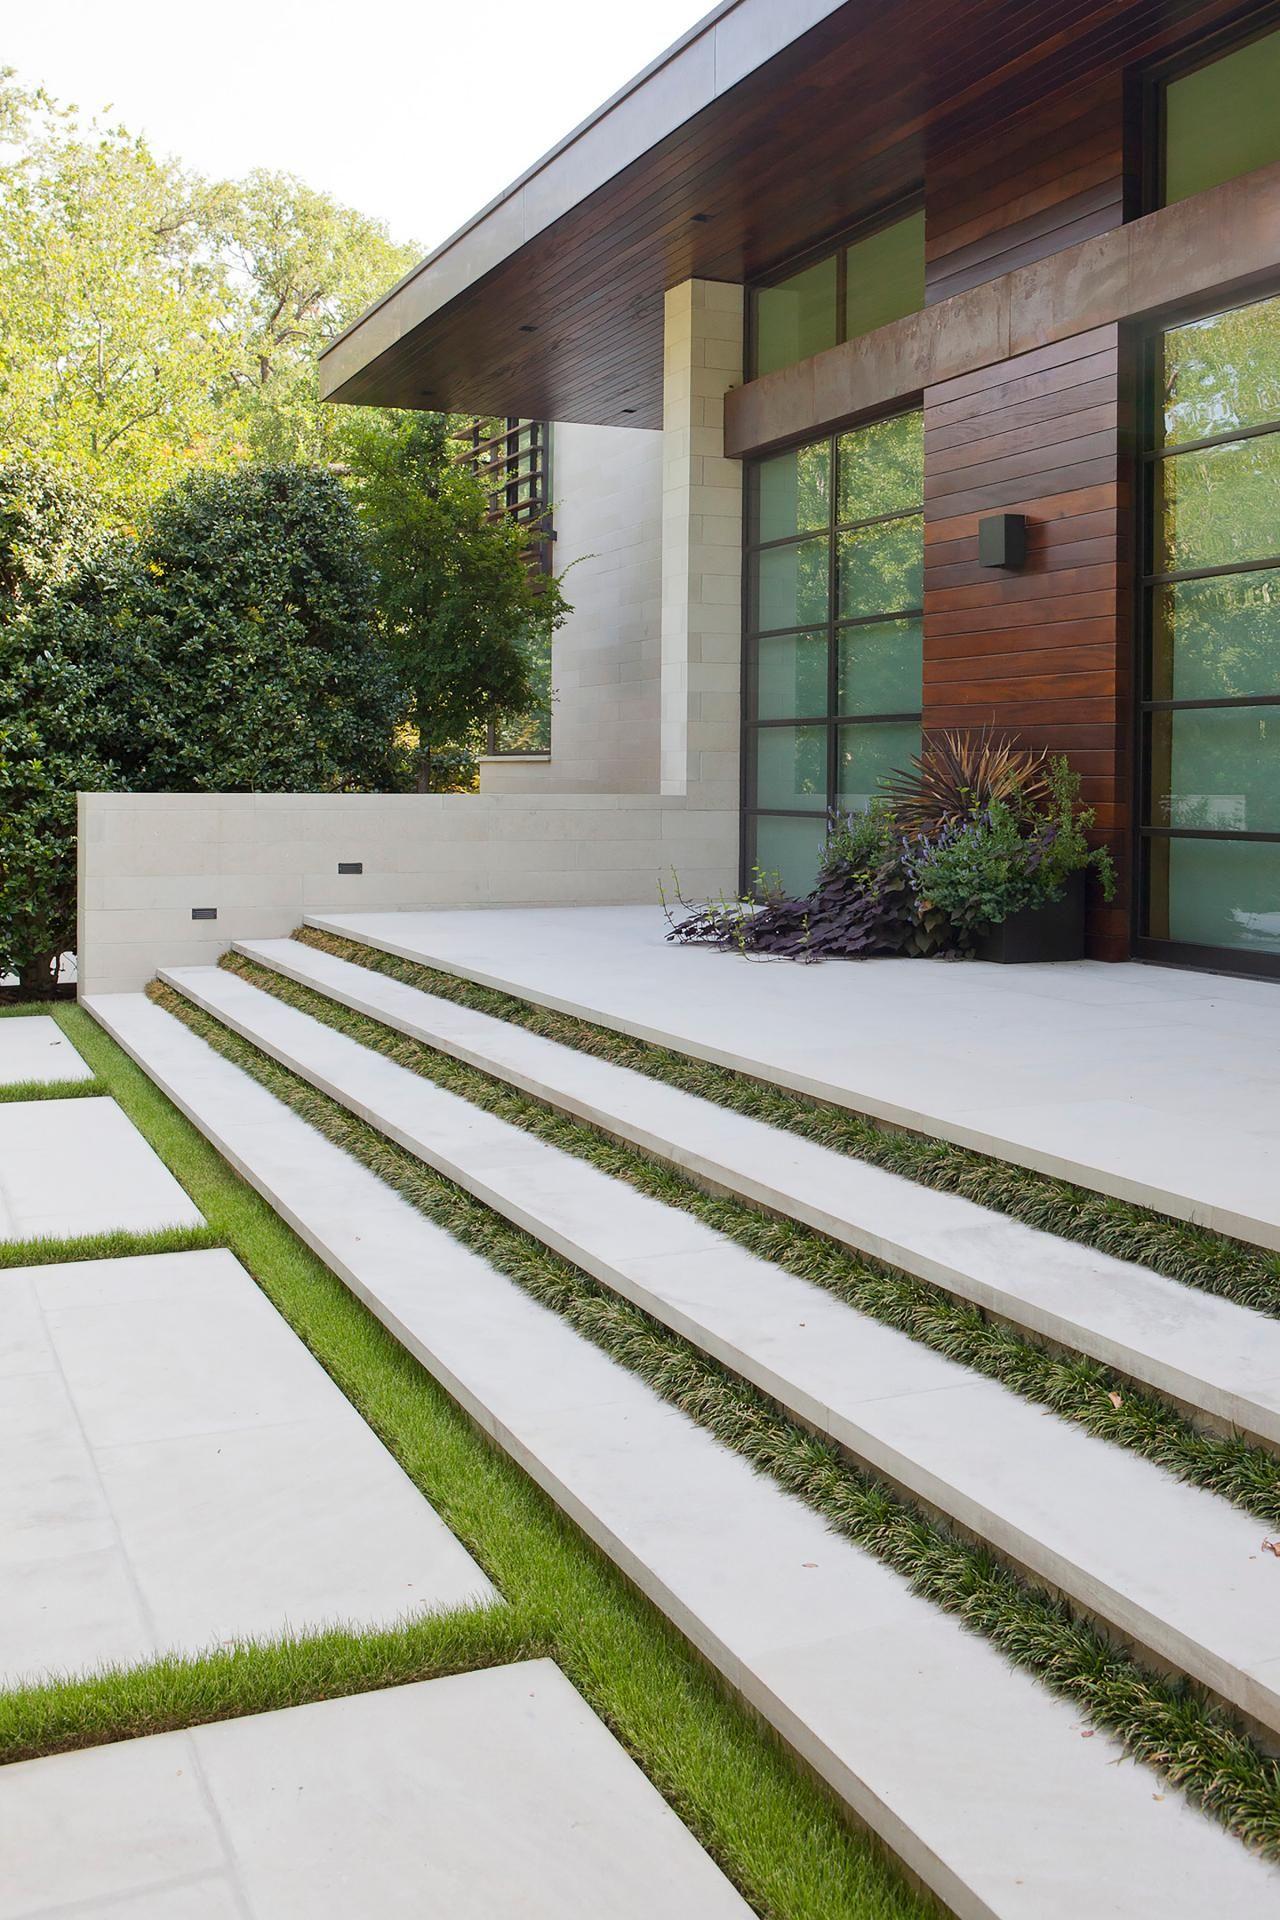 các khối bê tông được xây dọc theo độ nghiêng của lối vào nhà, tạo thành một cầu thang bằng bê tông khác biệt mà vẫn duy trì được vẻ đẹp hiện đại